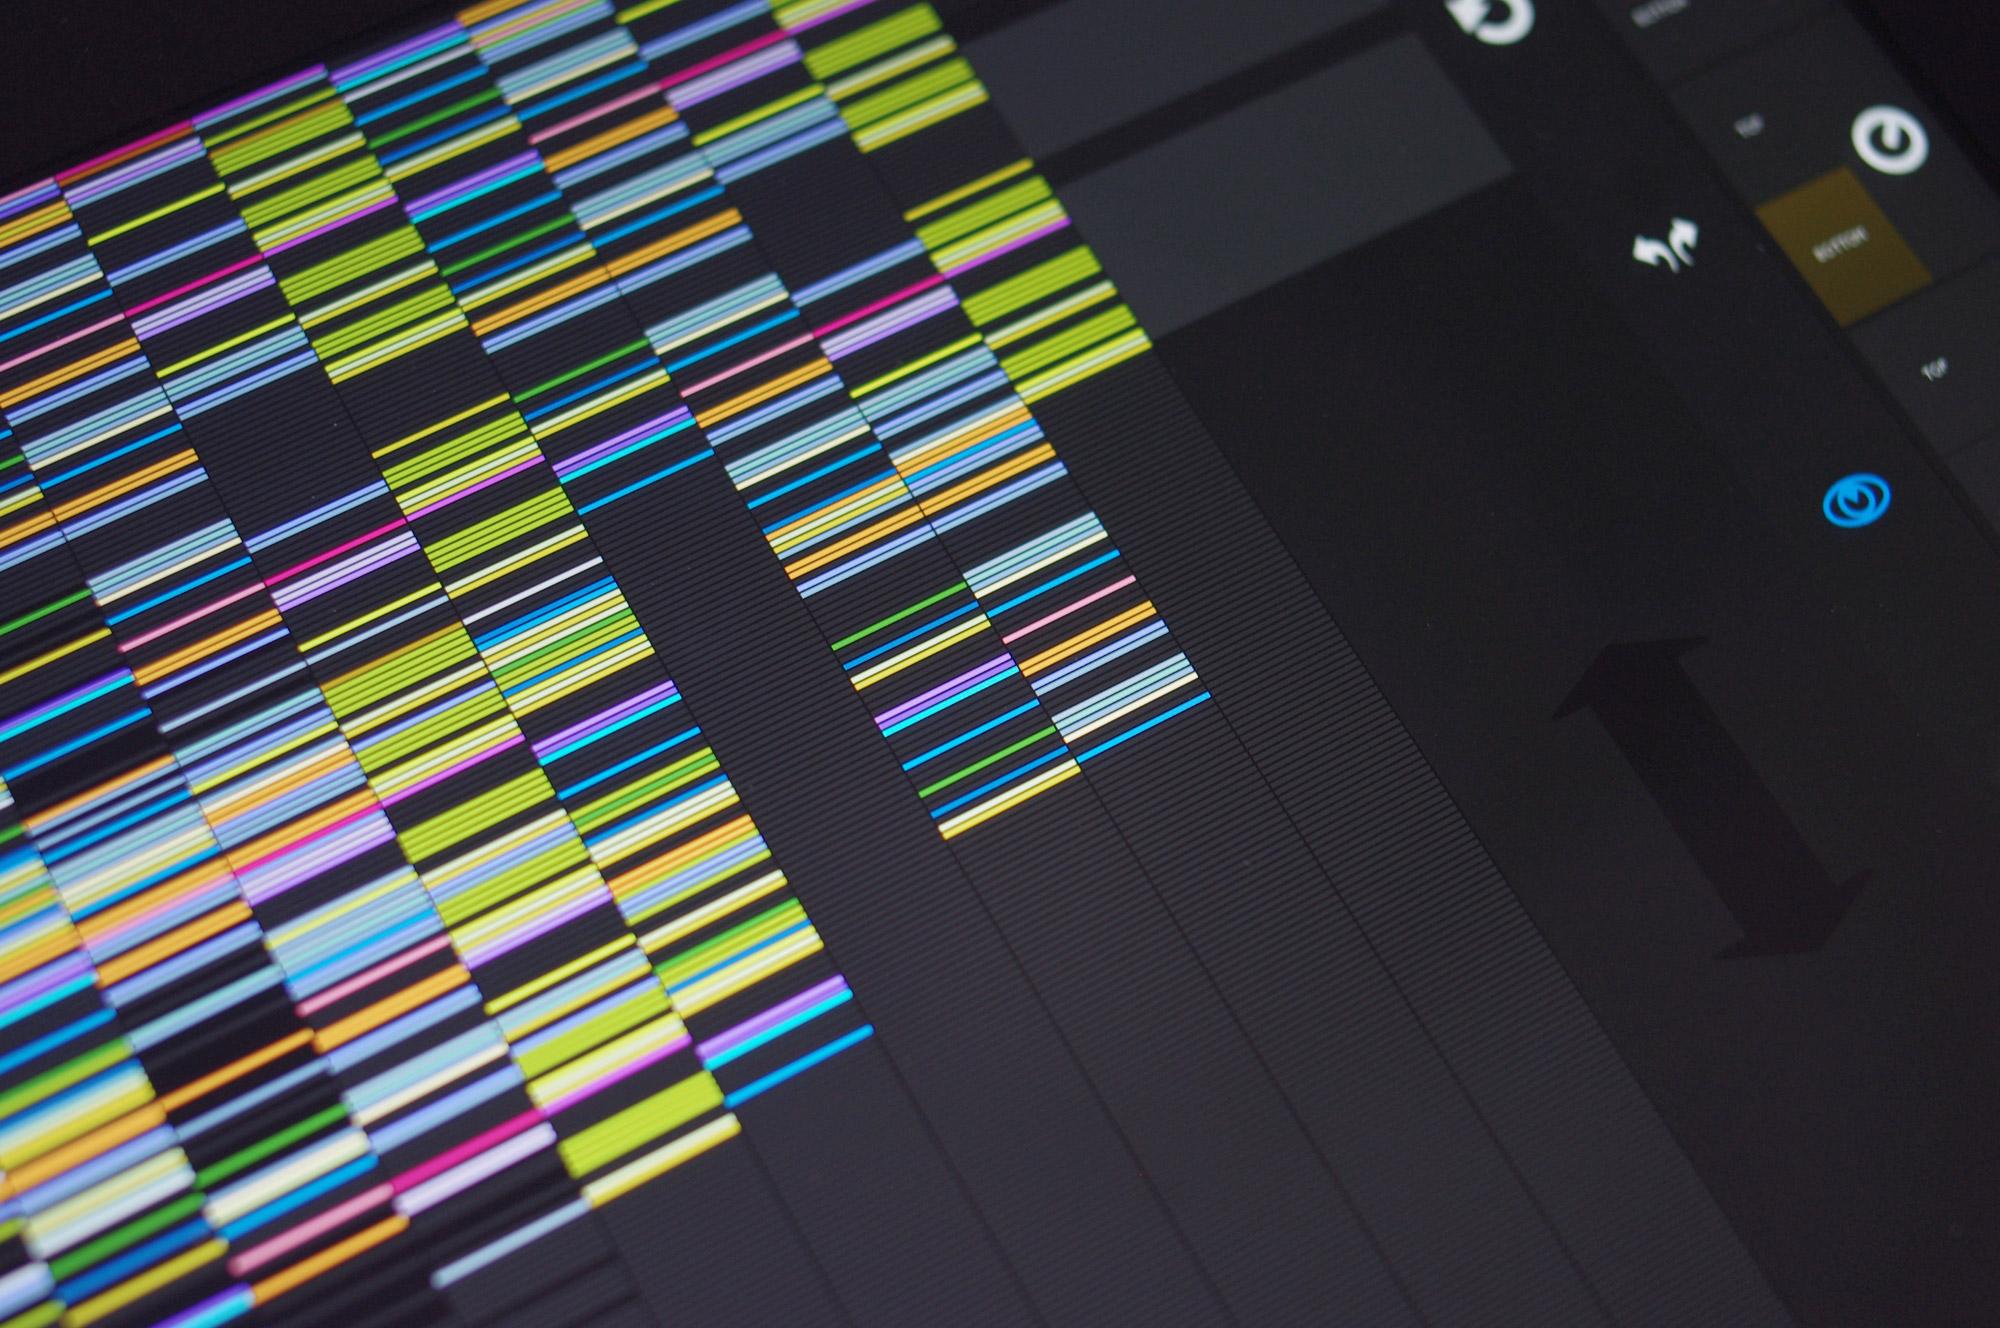 Ableton Wallpaper Download 2000x1328